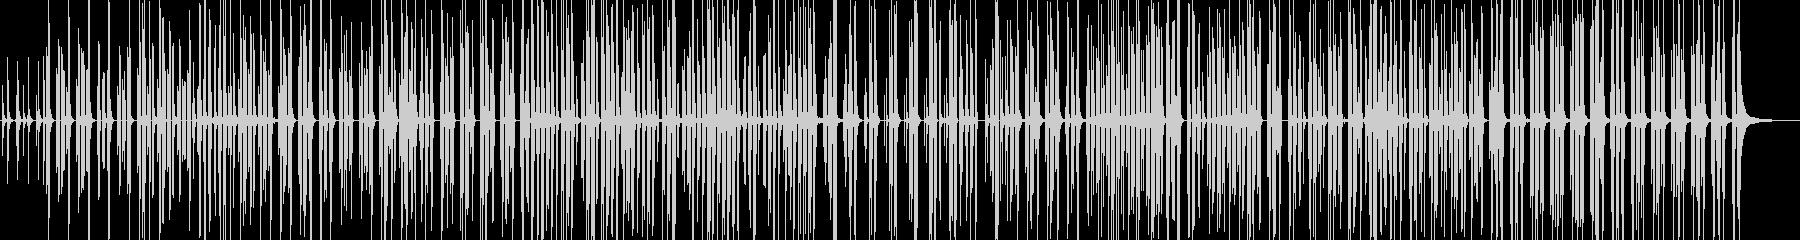 ■ほっこり-木琴-ピアノ-自然-料理-森の未再生の波形